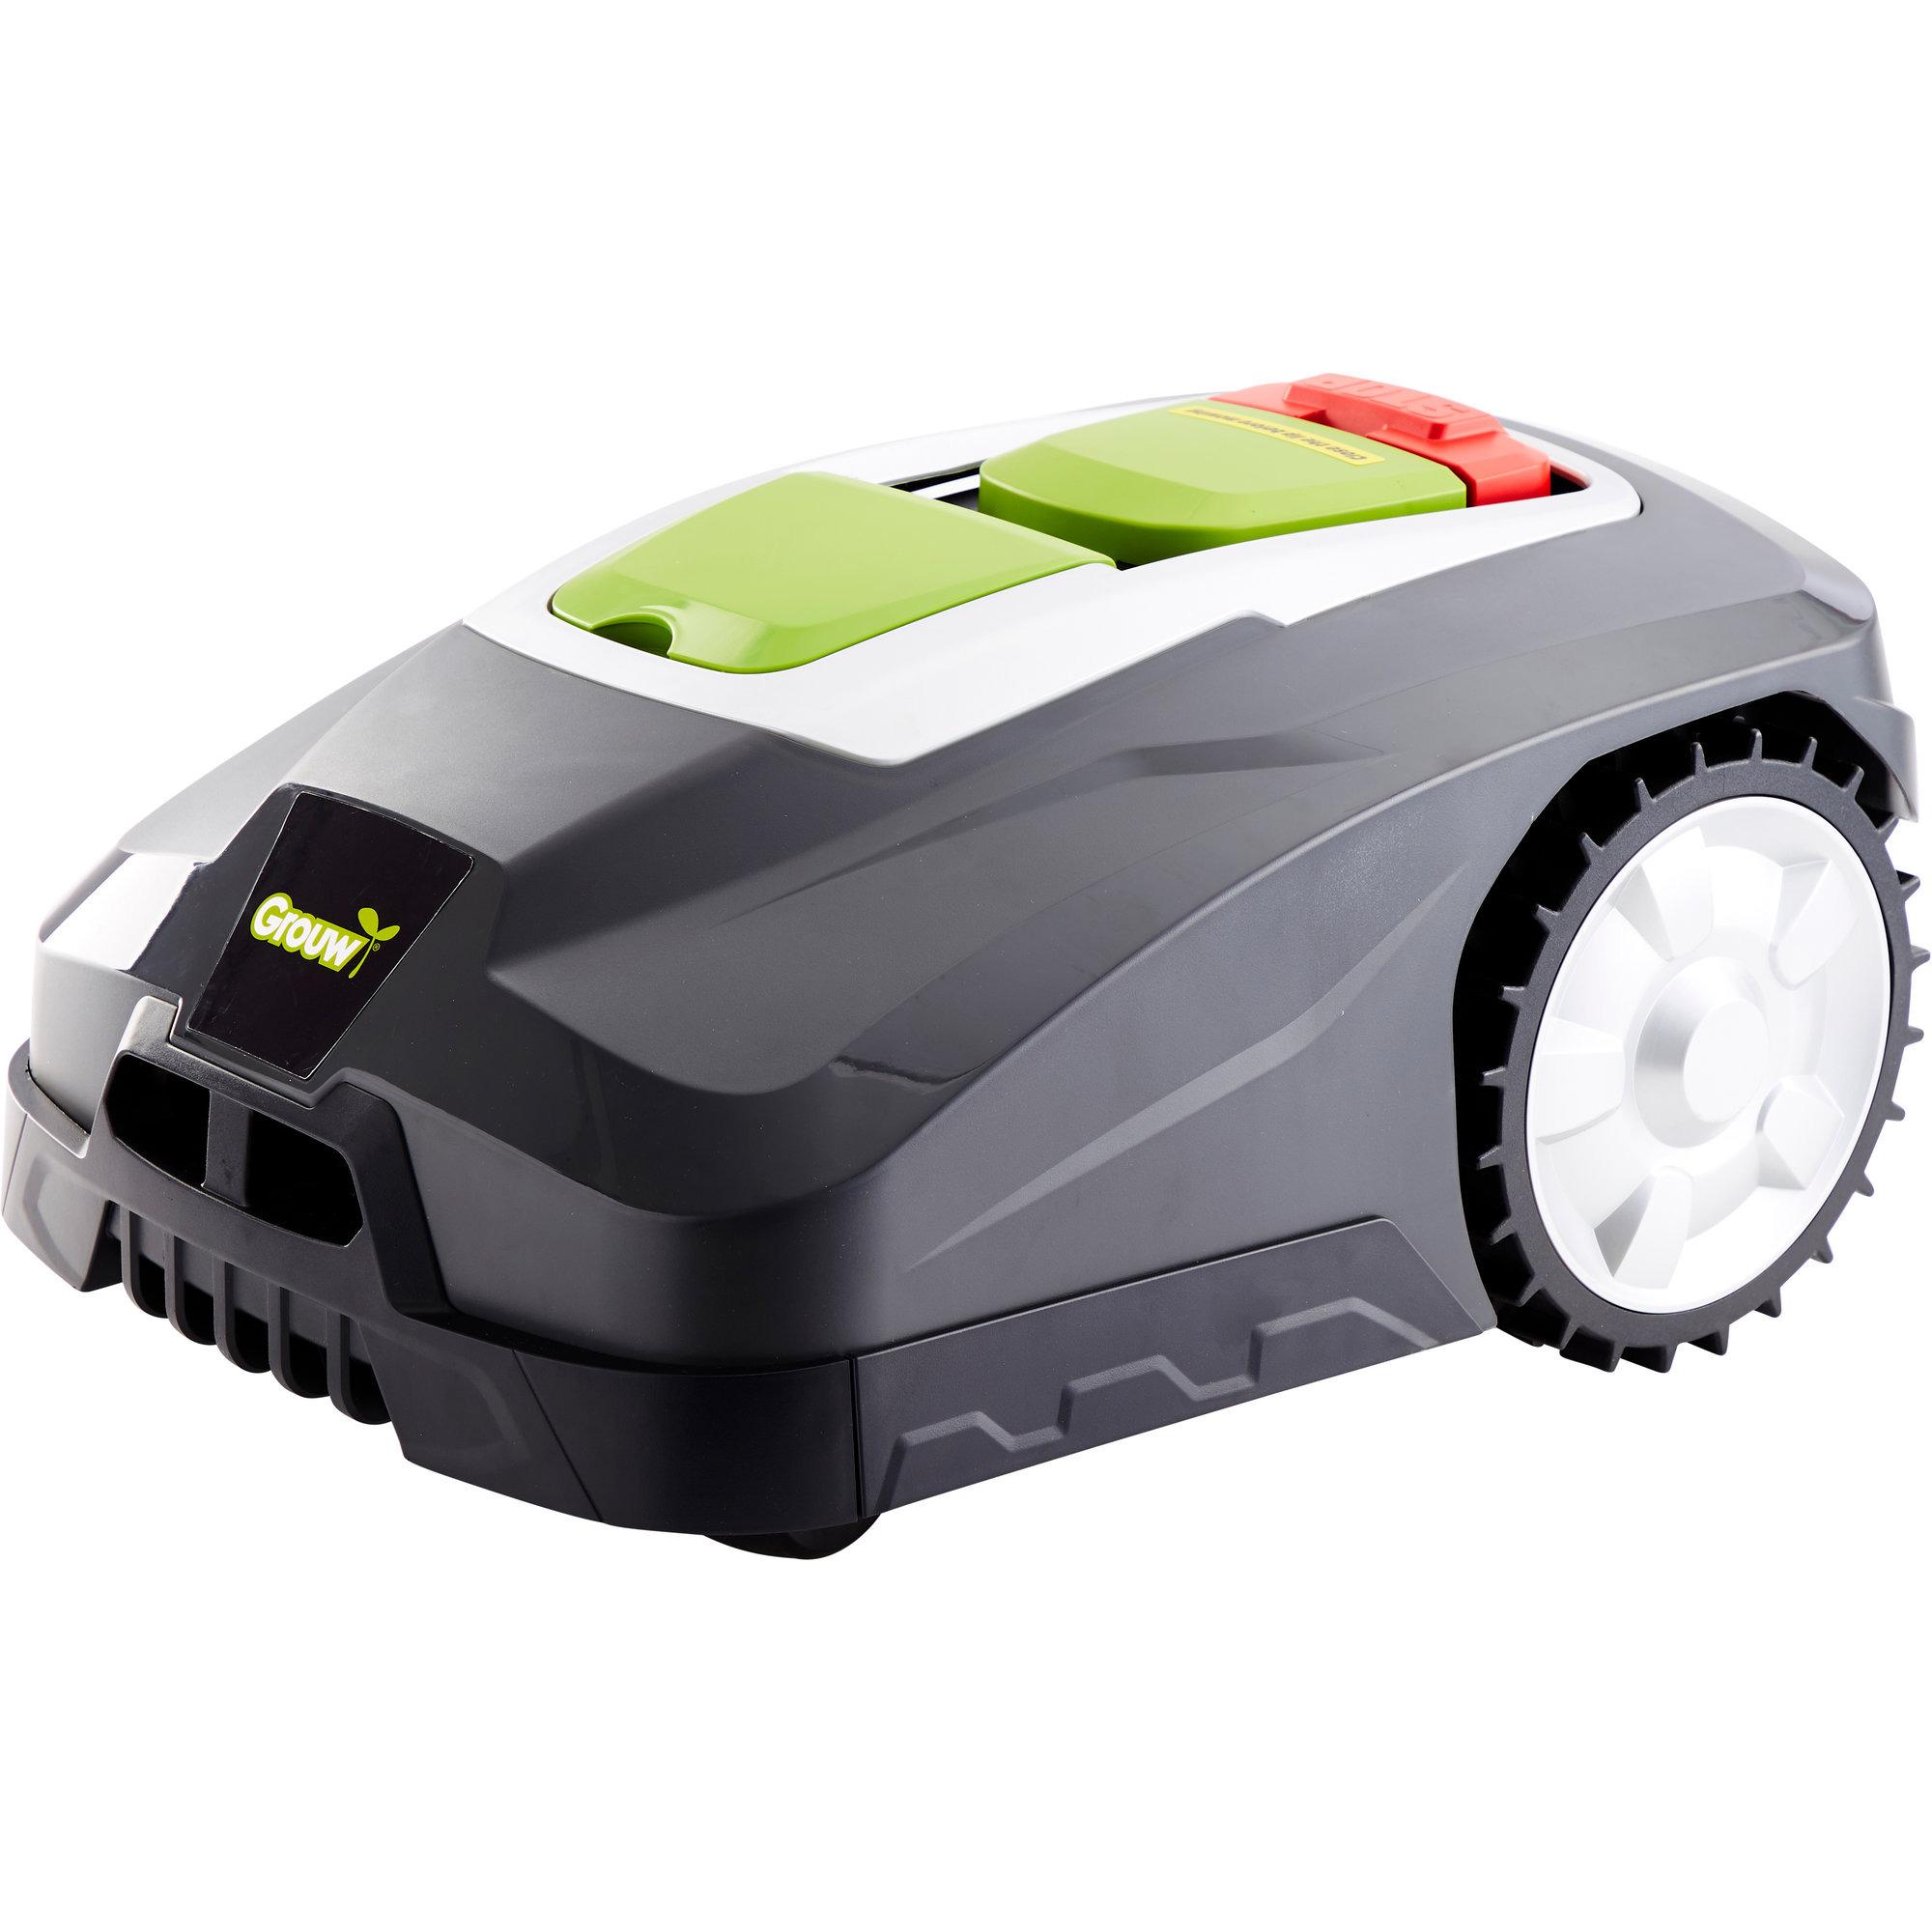 Frisk frugt M800 App Control robotplæneklipper fra Grouw » Gratis Levering AR76